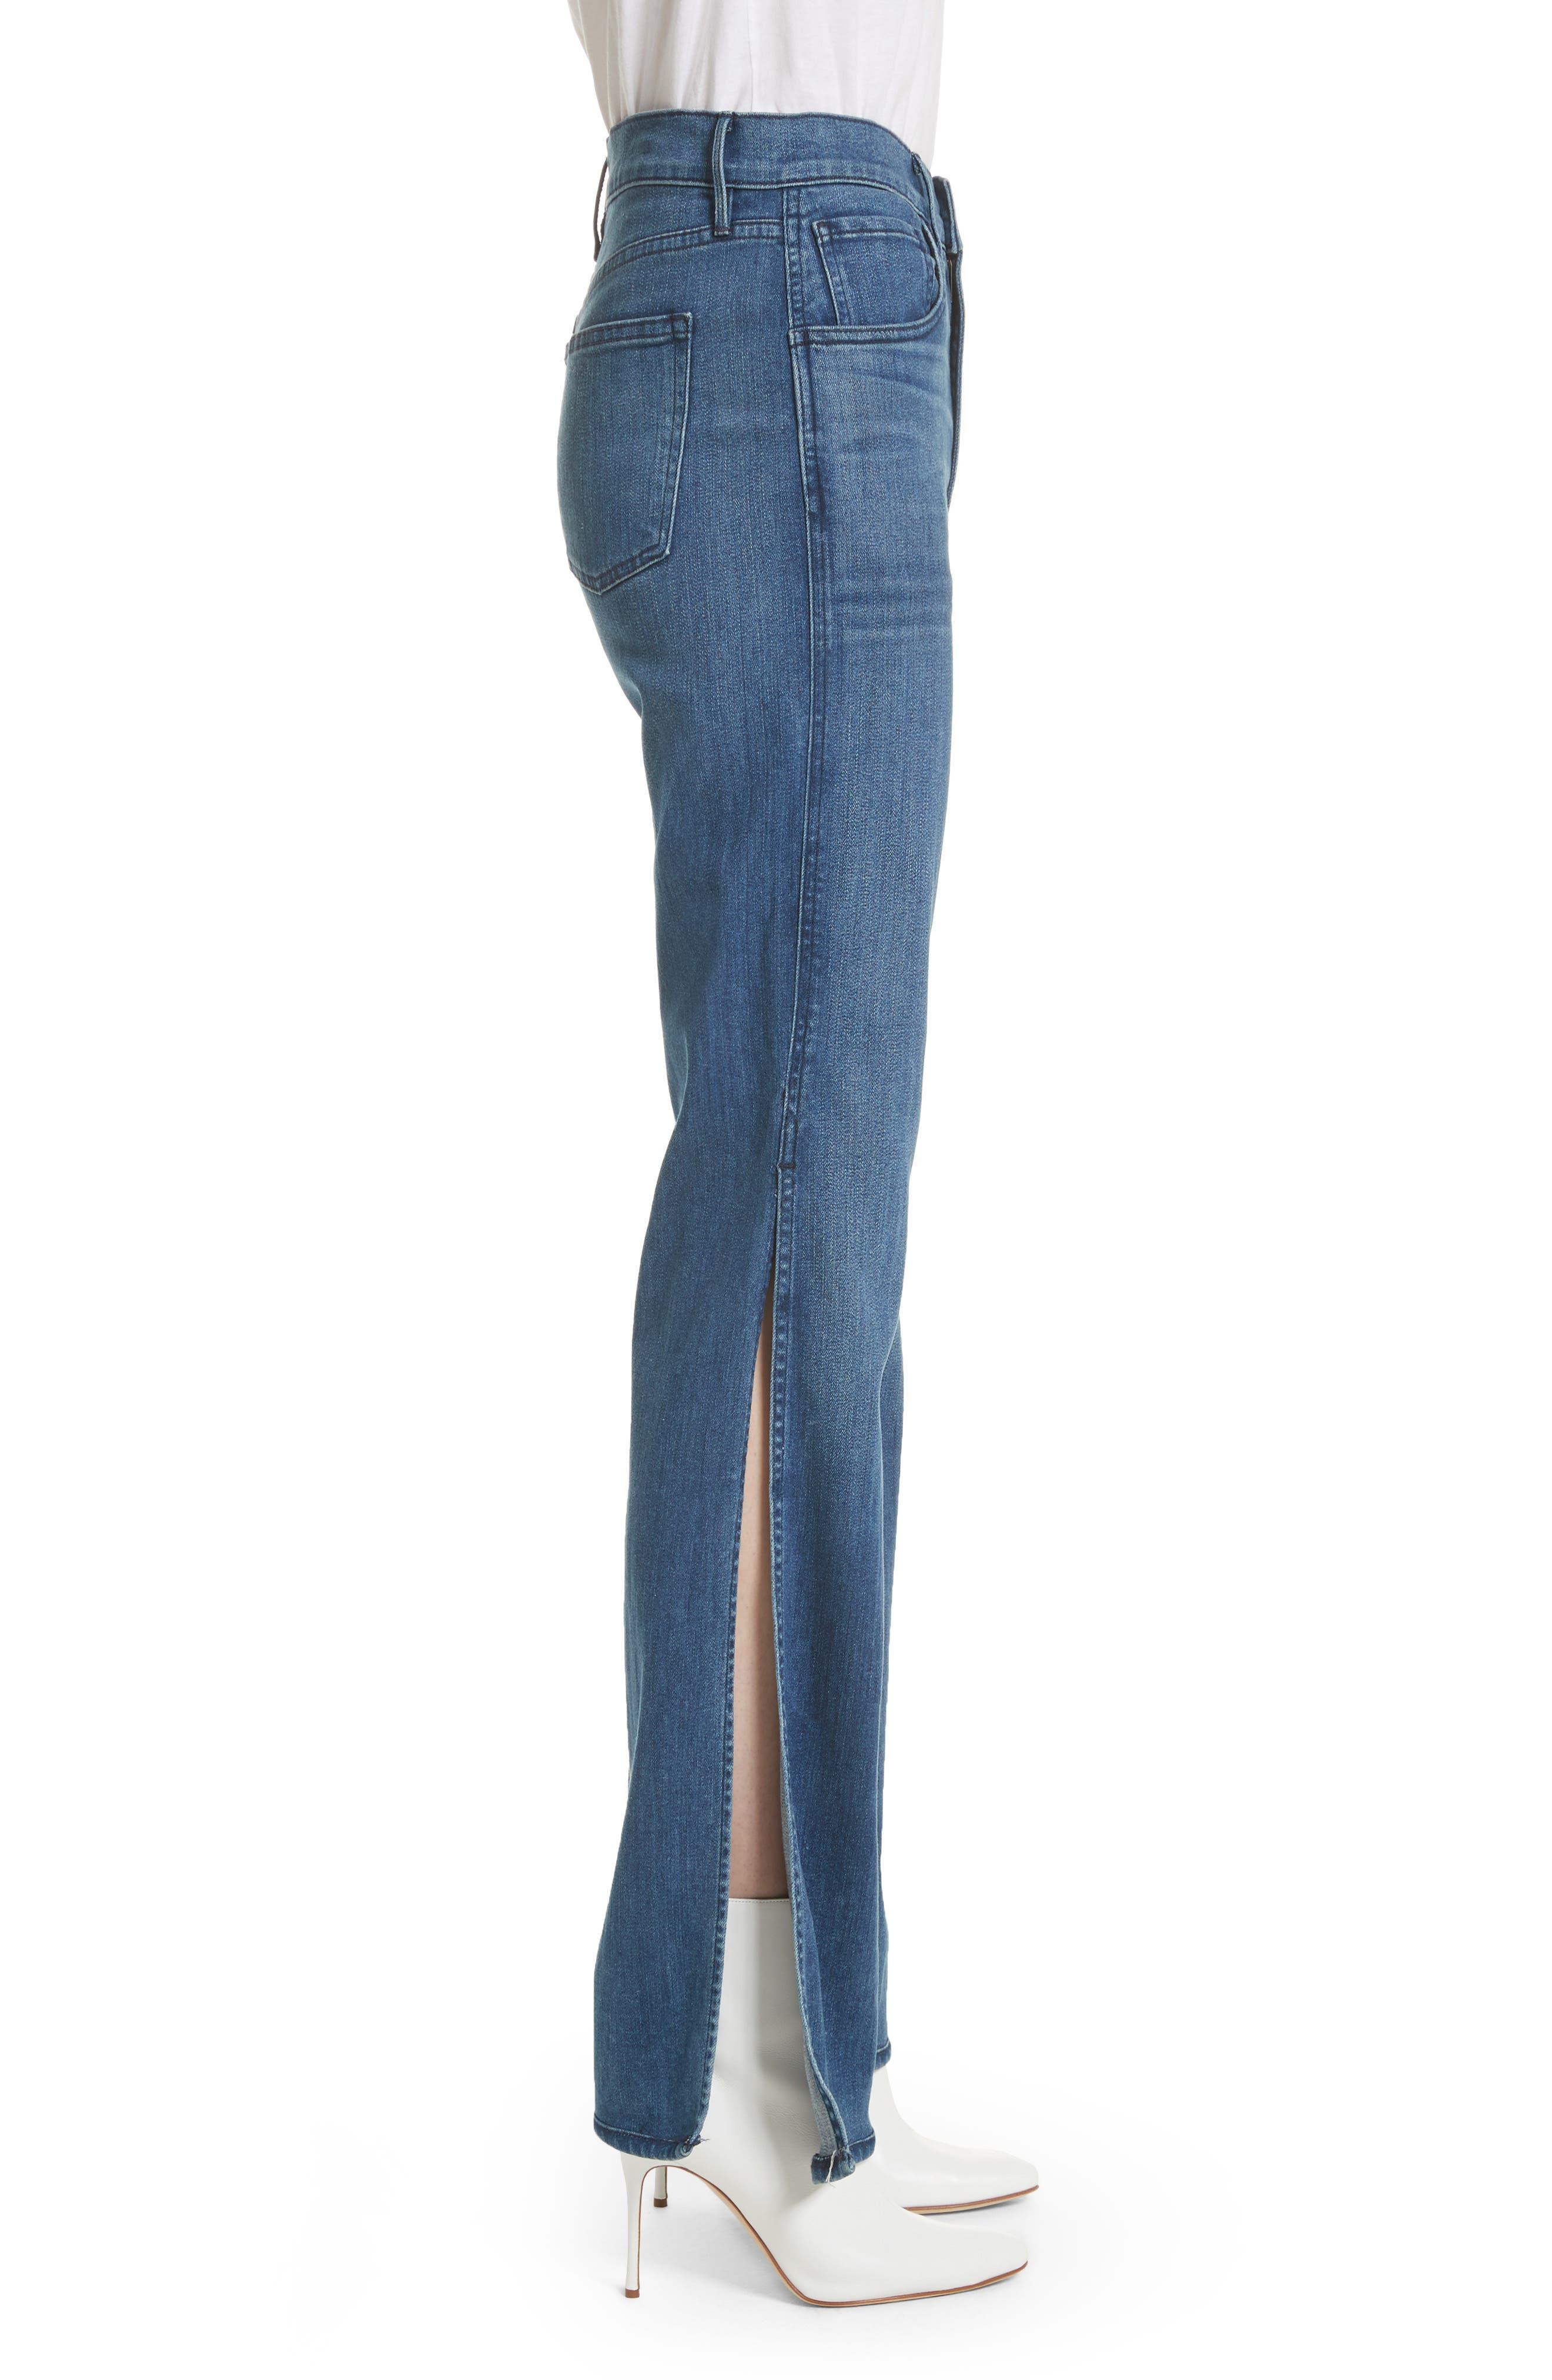 W4 Adeline High Waist Split Flare Jeans,                             Alternate thumbnail 3, color,                             426